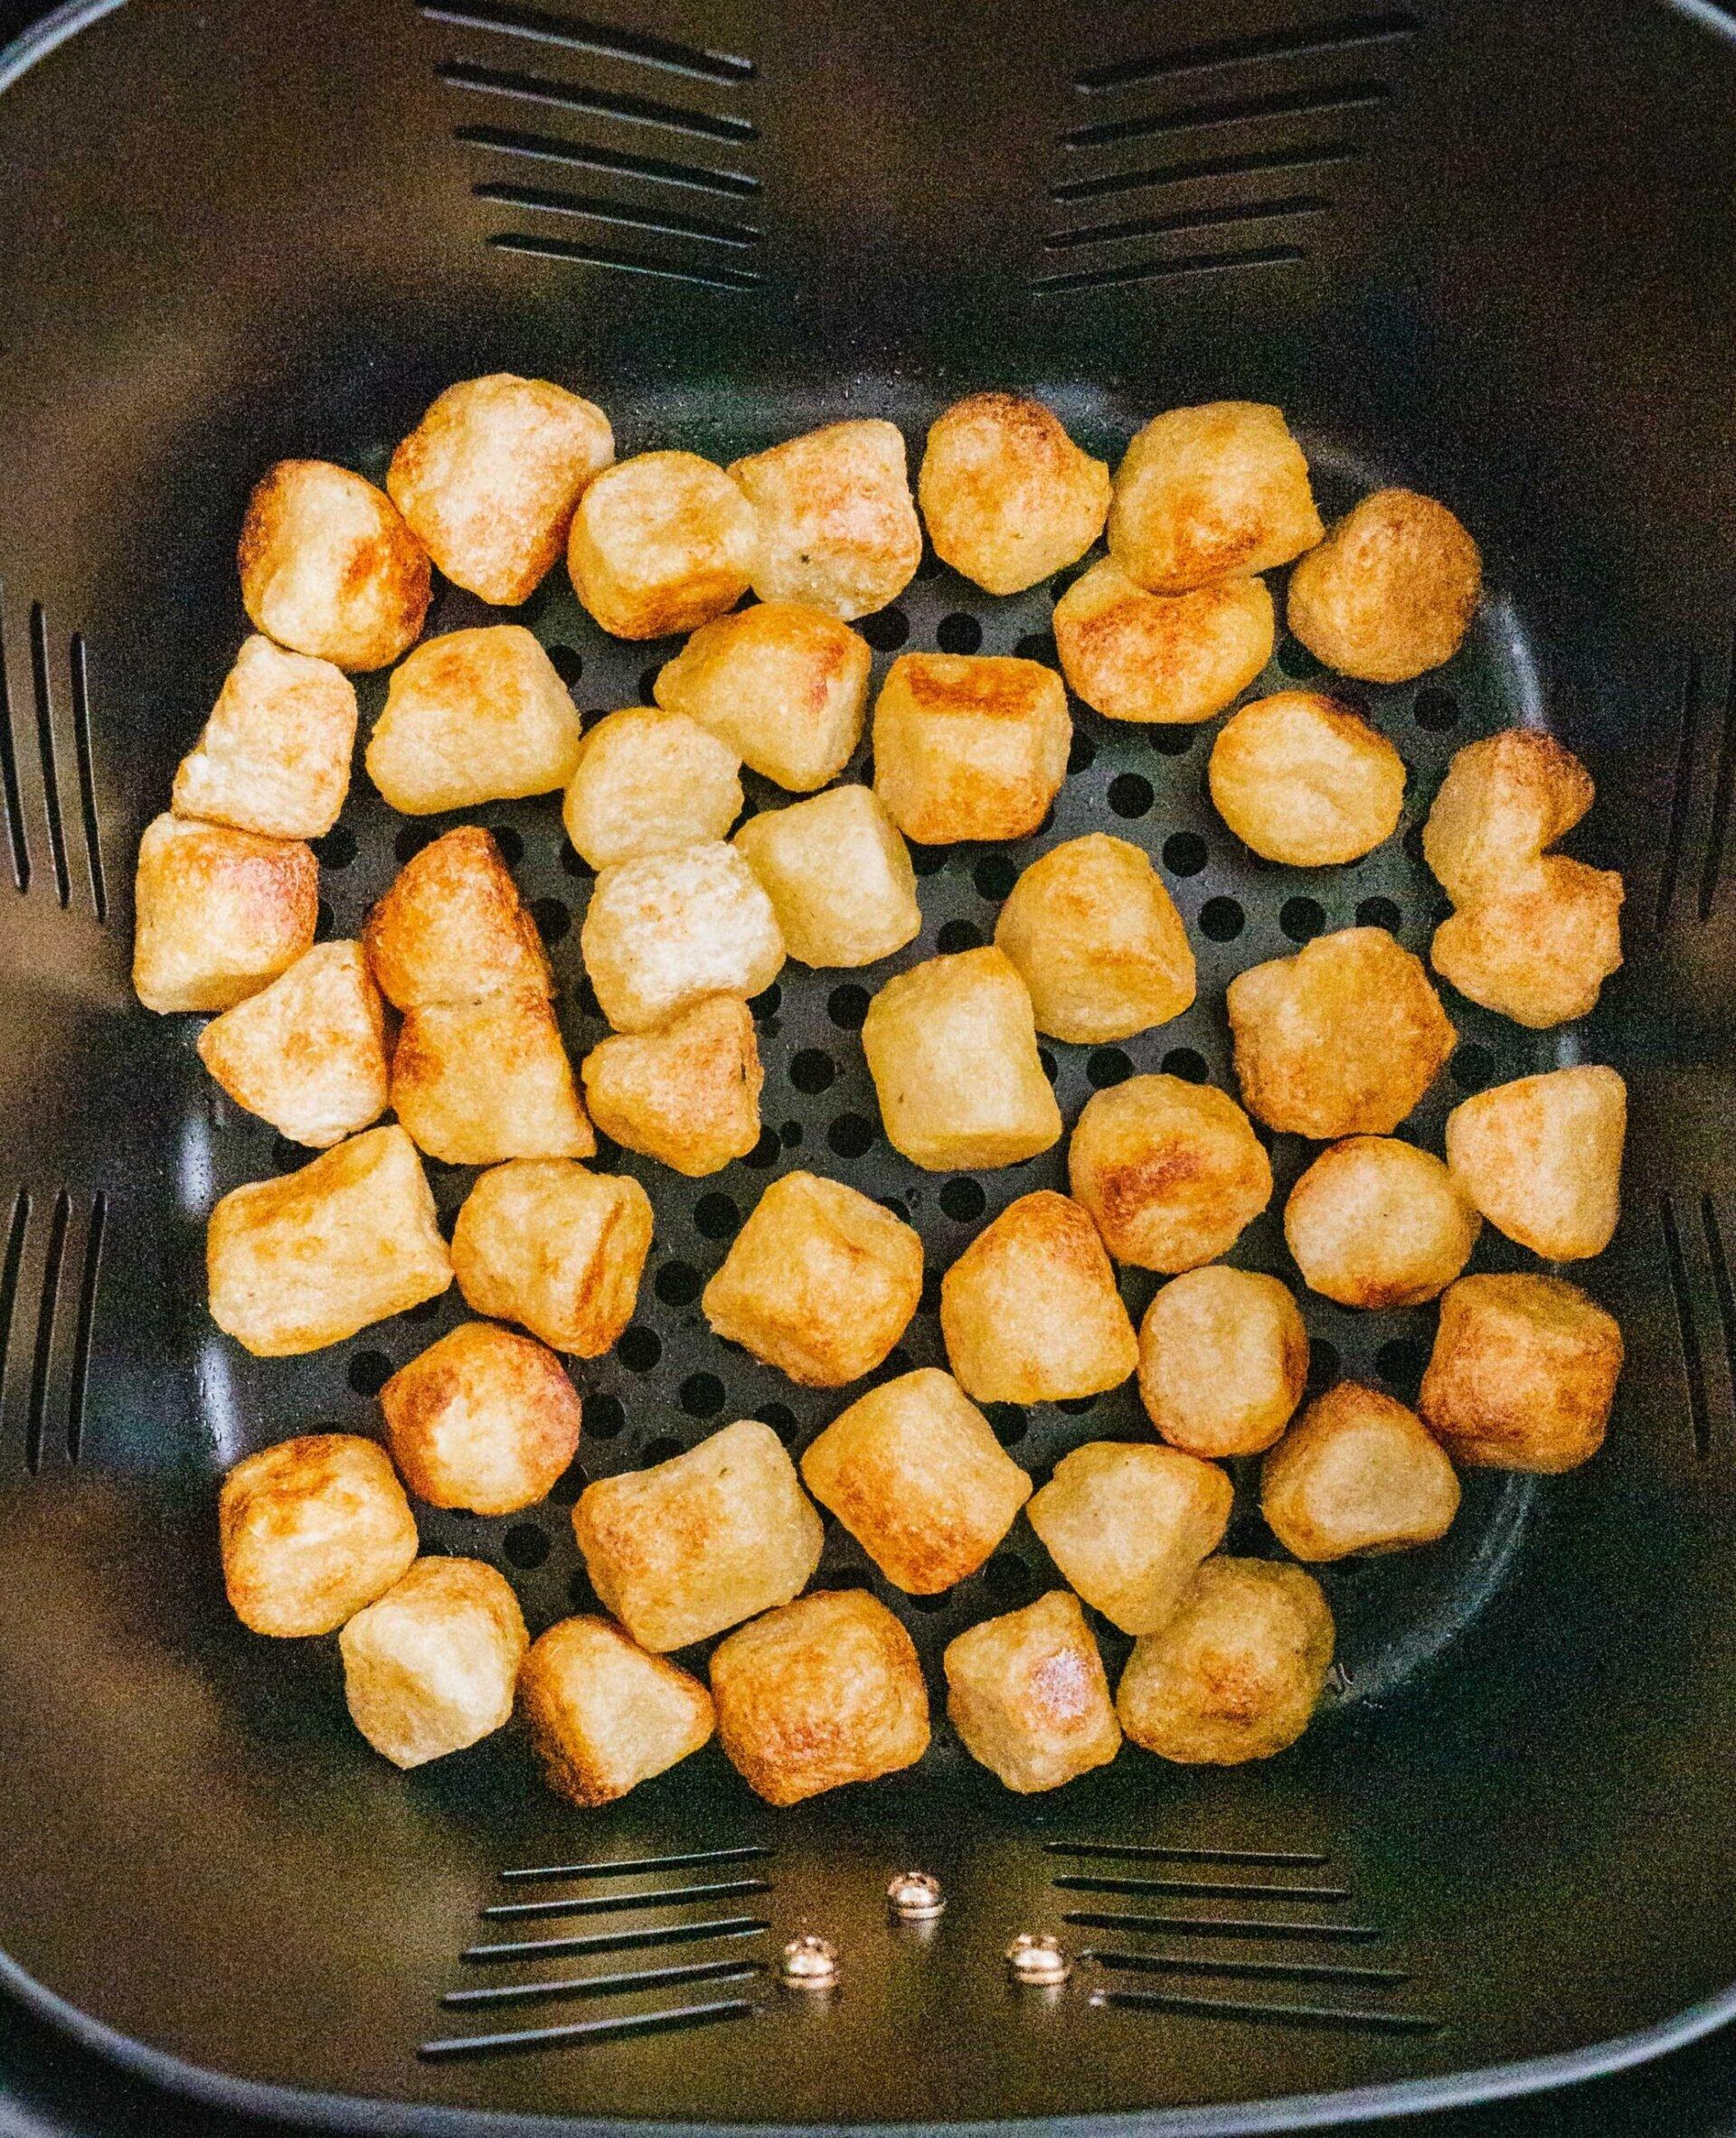 Crispy cauliflower gnocchi being made in an air fryer